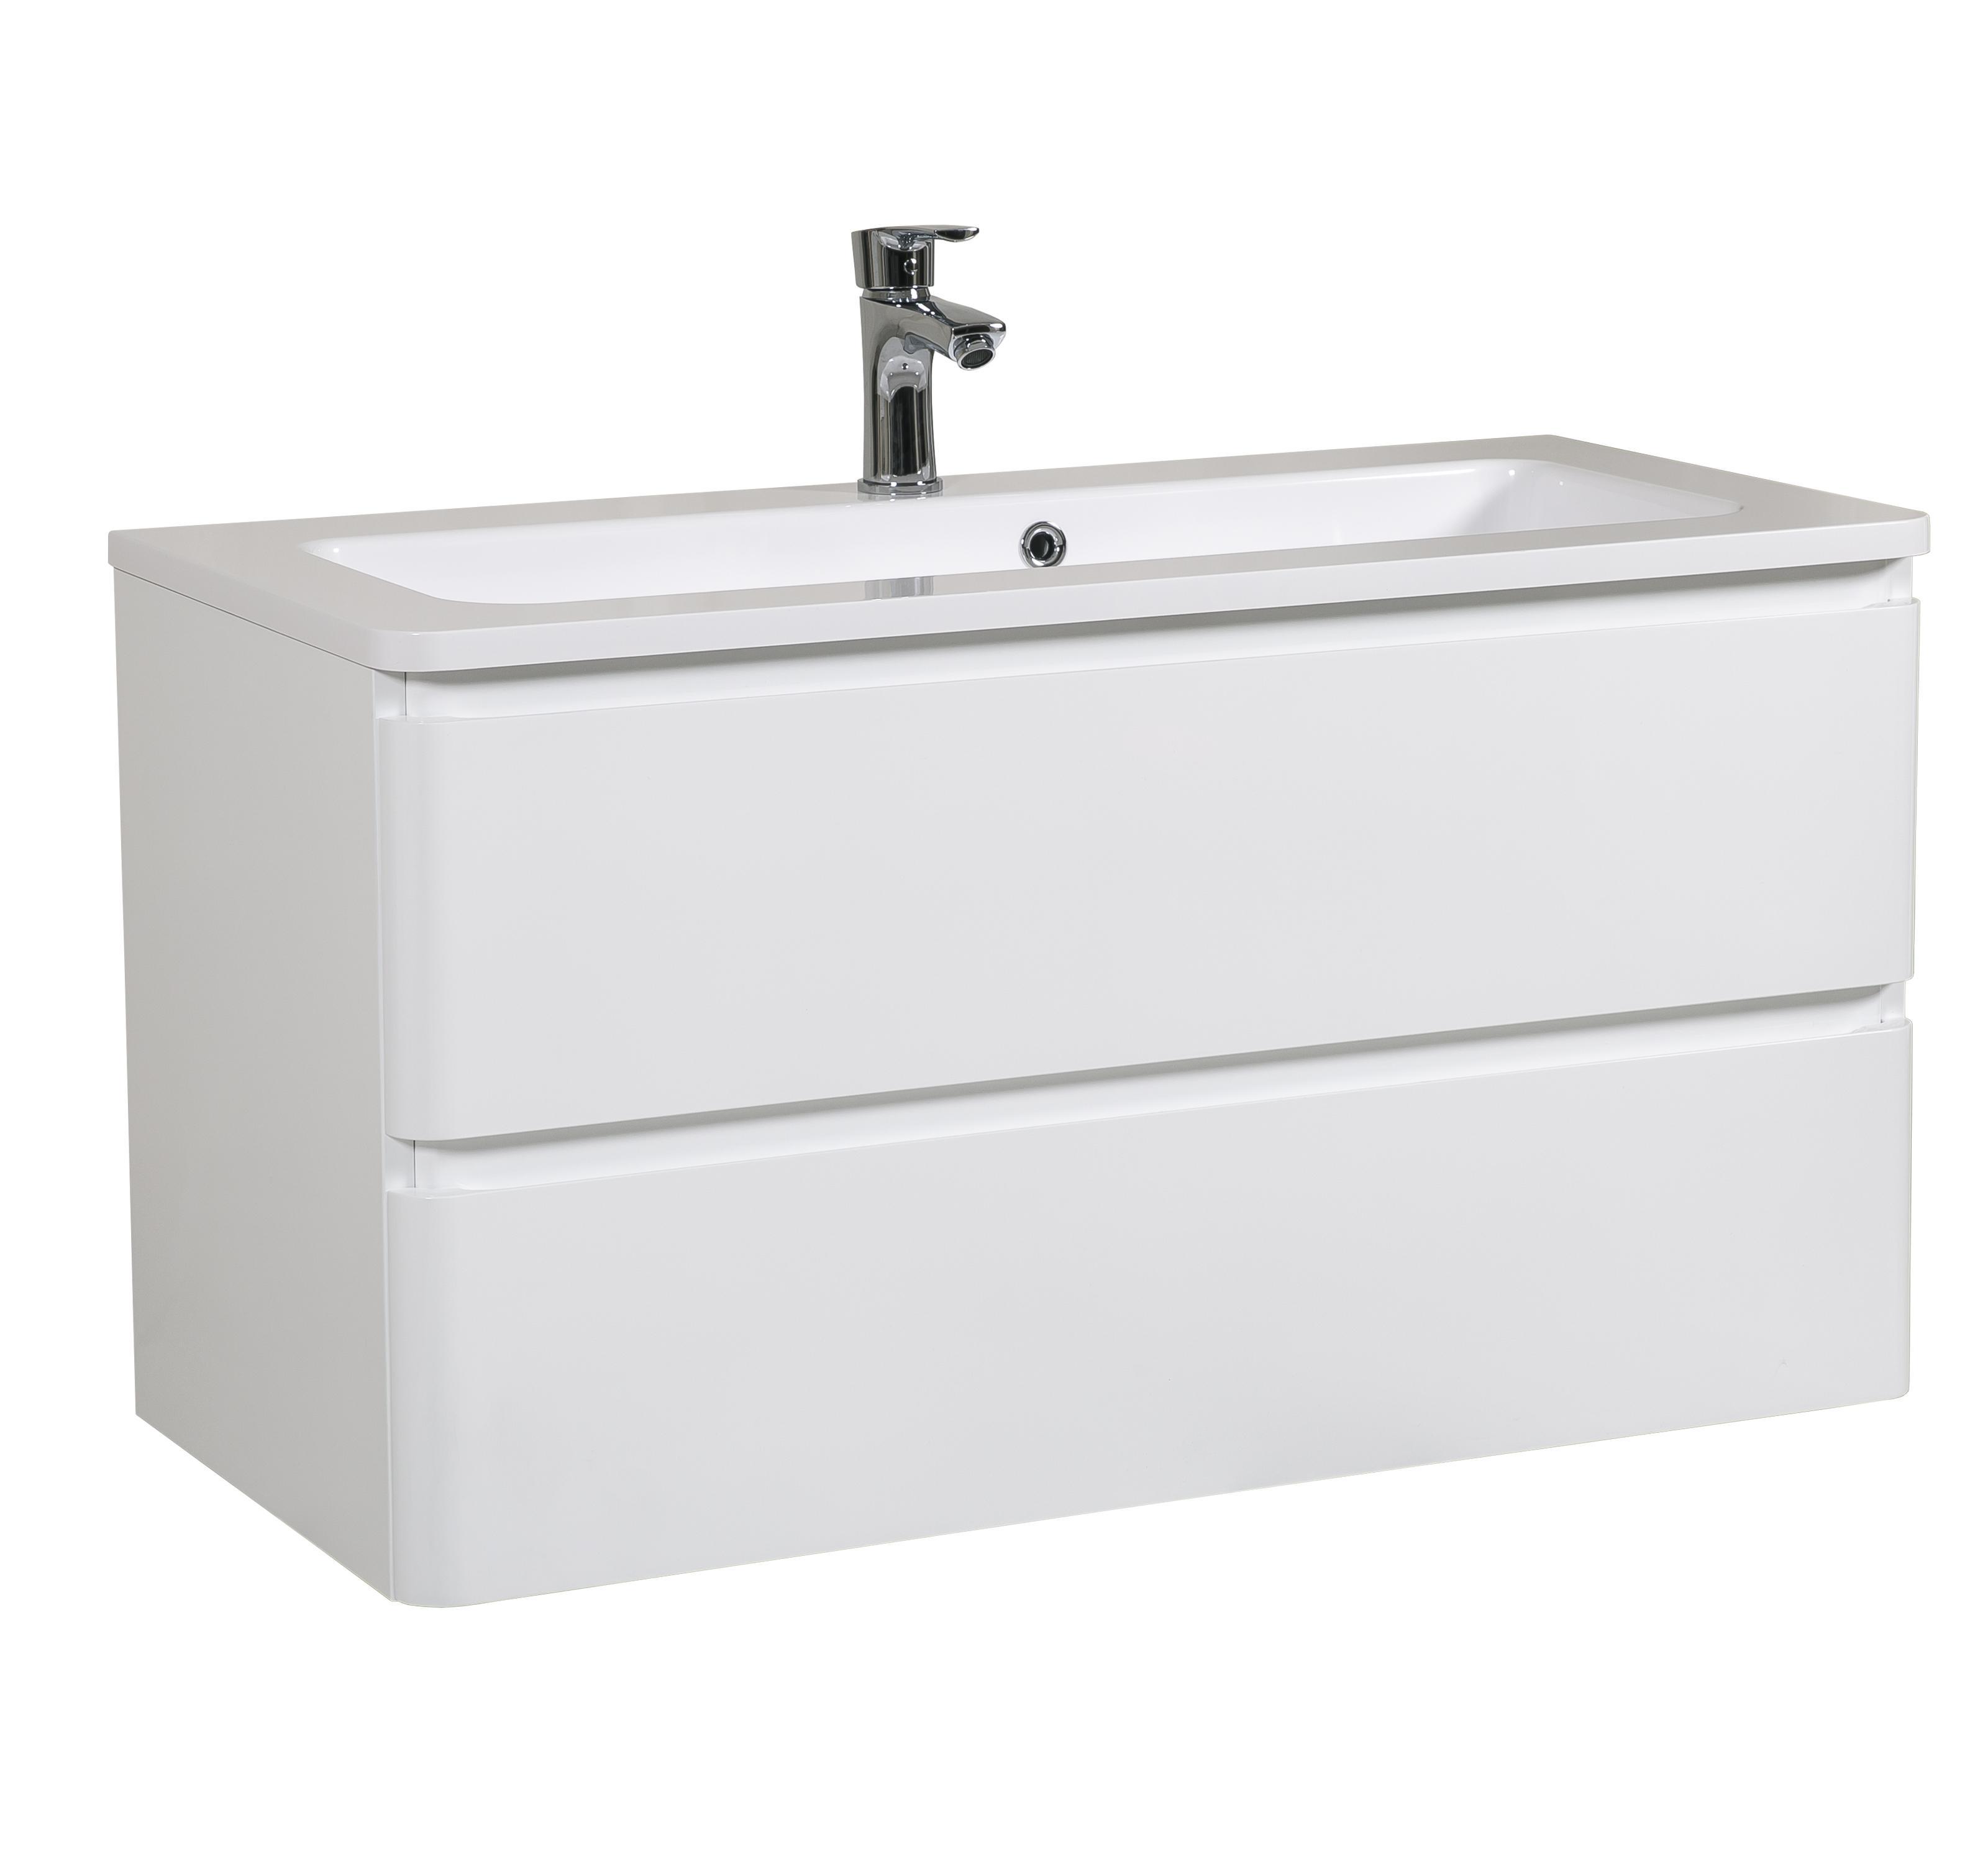 Мебель Aquarodos Акцент с умывальником Альфа 100 см (консольная)